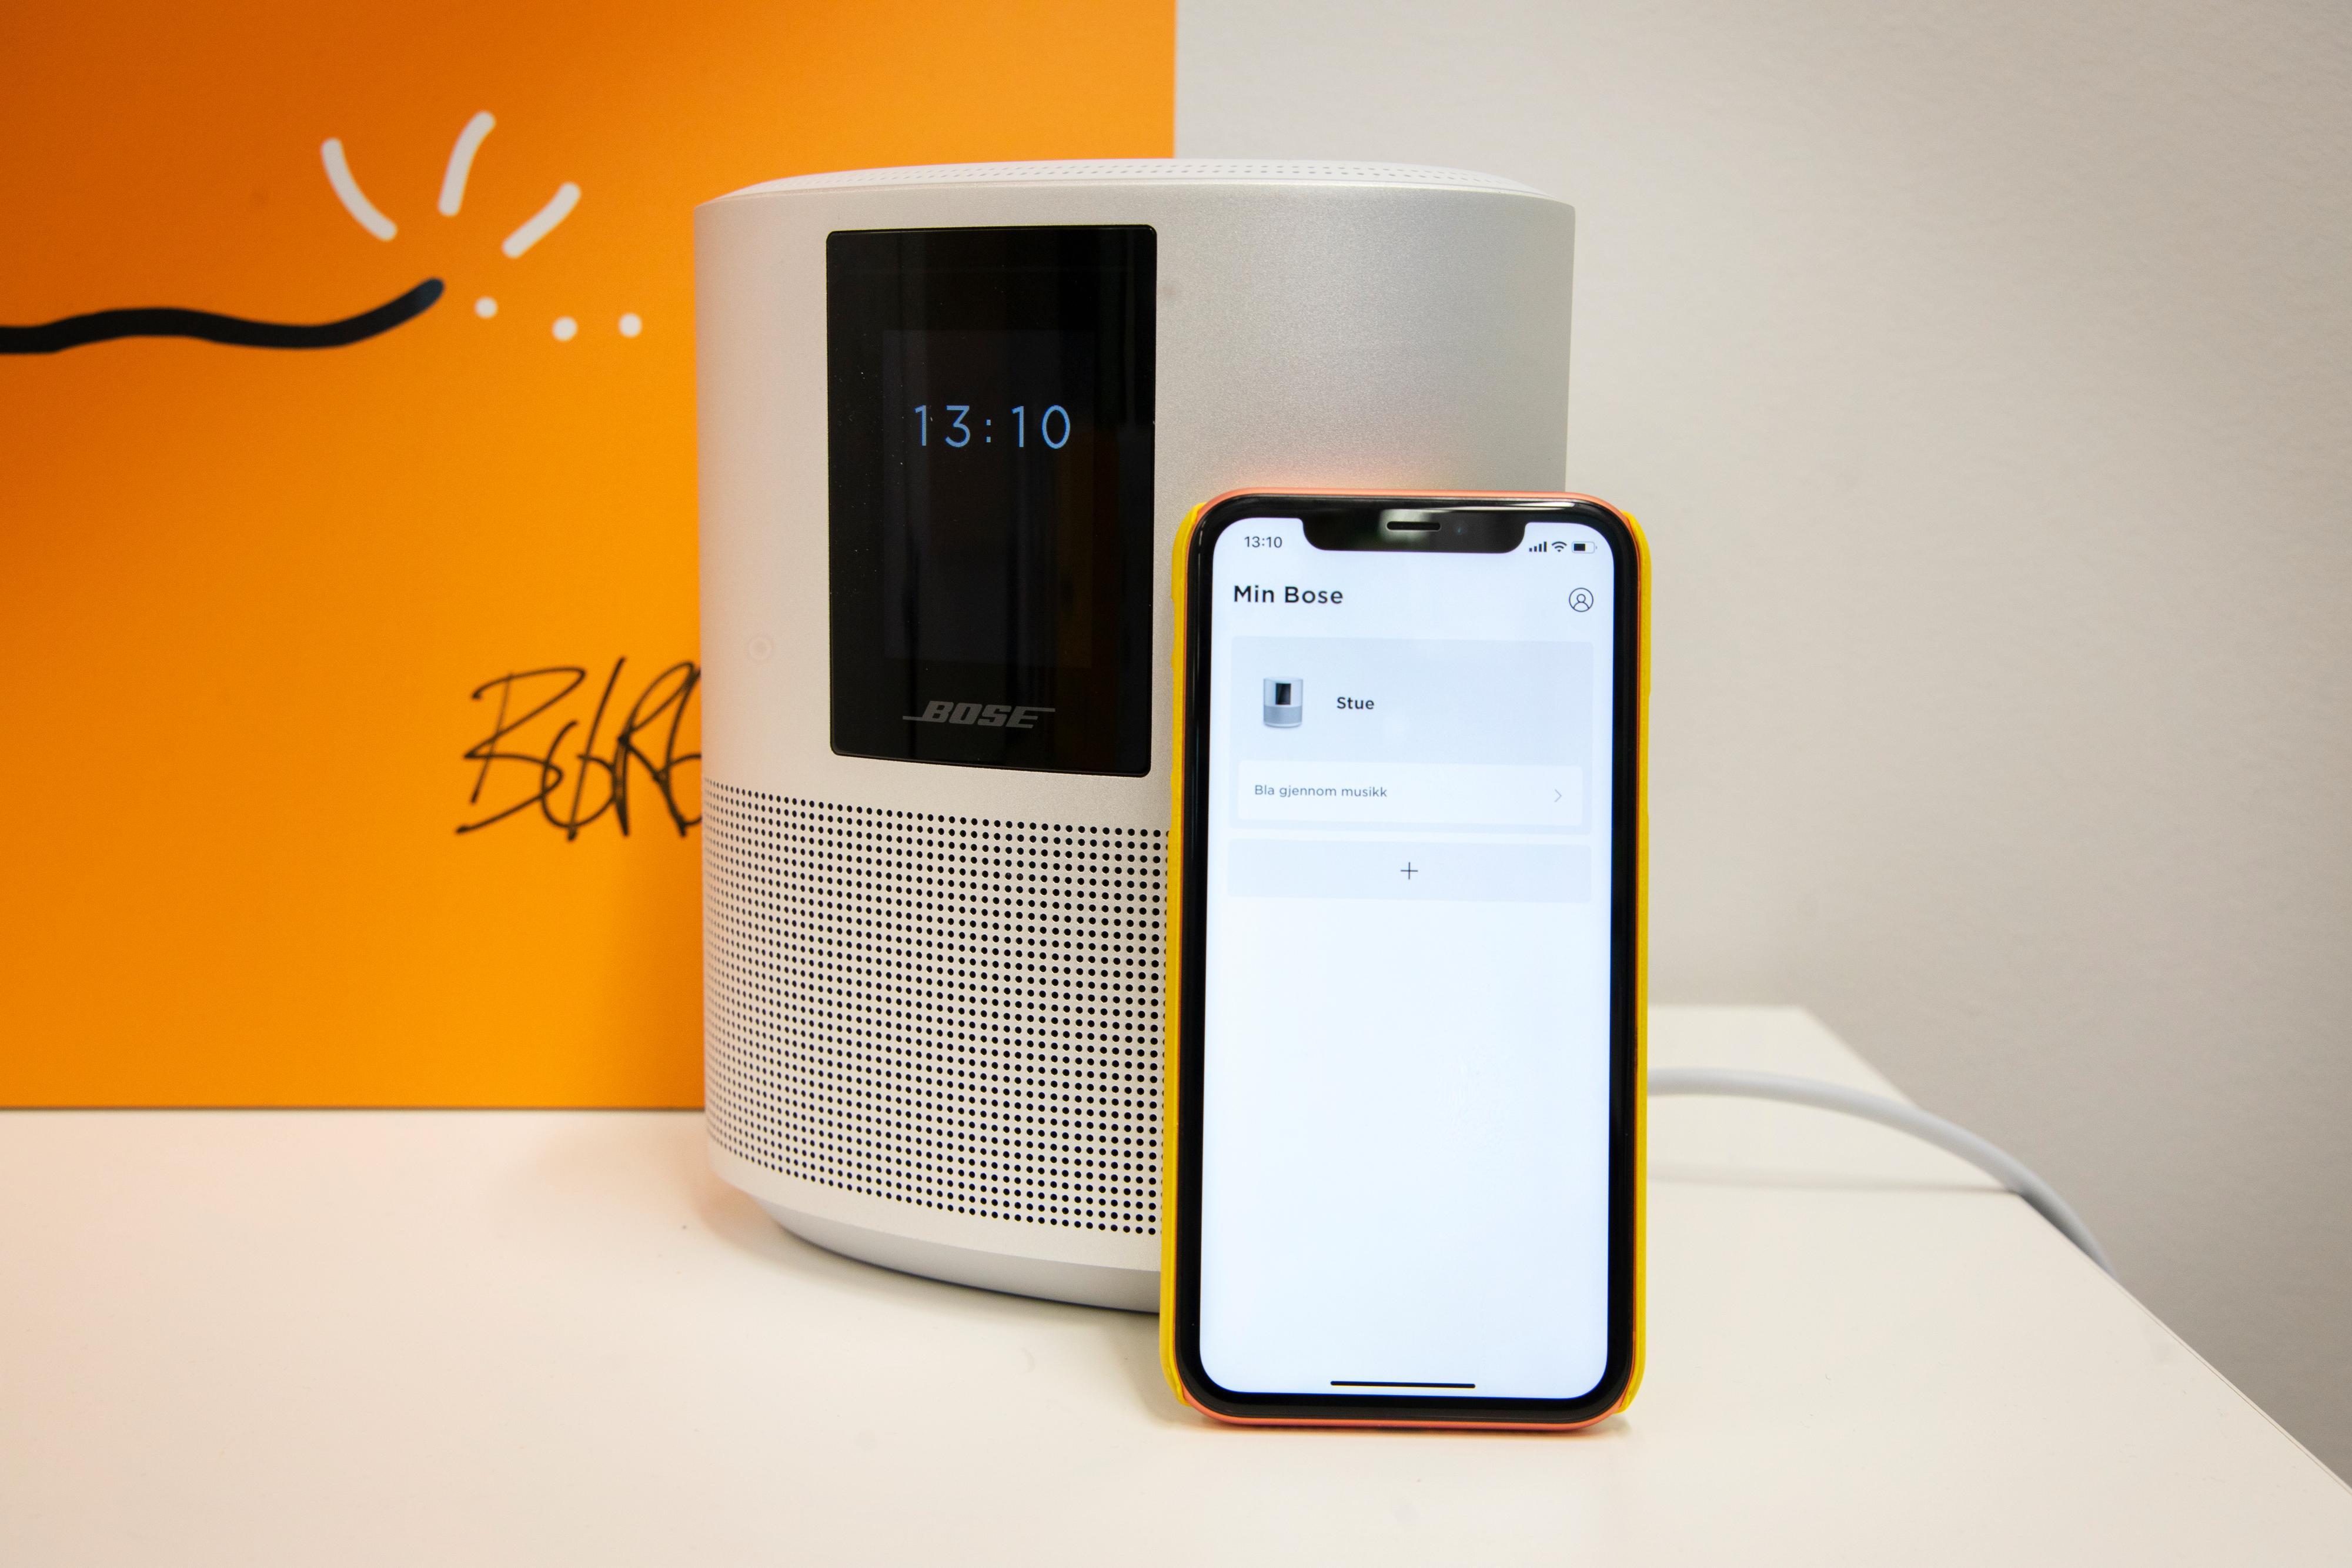 Det er mye å like med Bose Home Speaker 500. Vi savner imidlertid taleassistent-støtte og synes prisen er litt stiv.